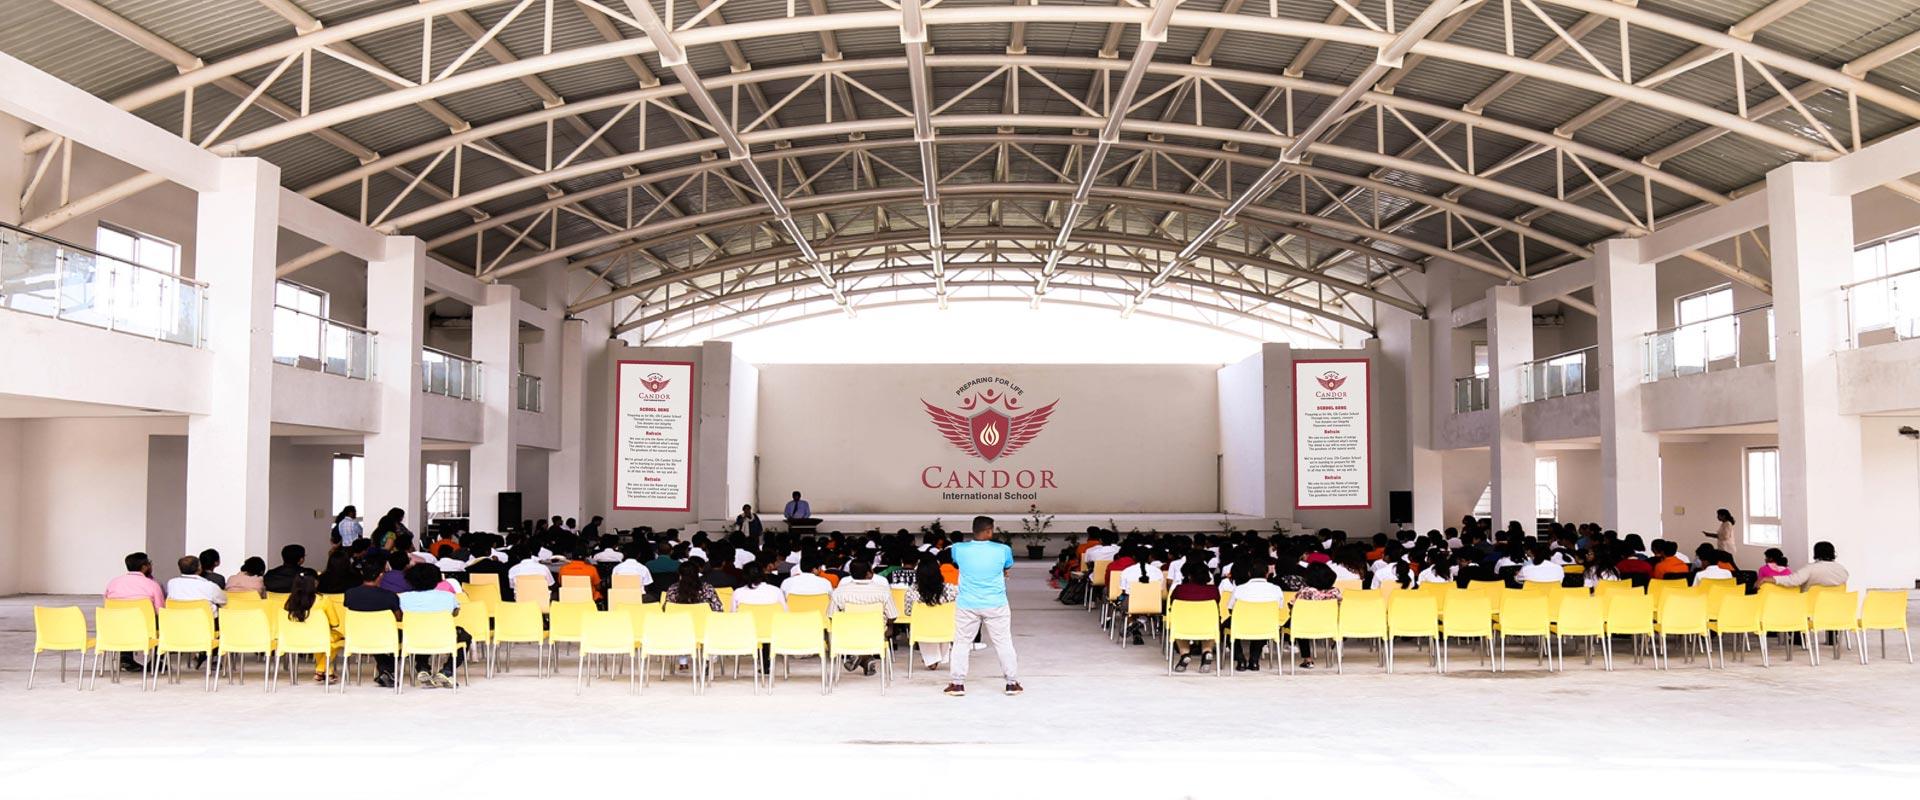 Candor-School-Auditorium